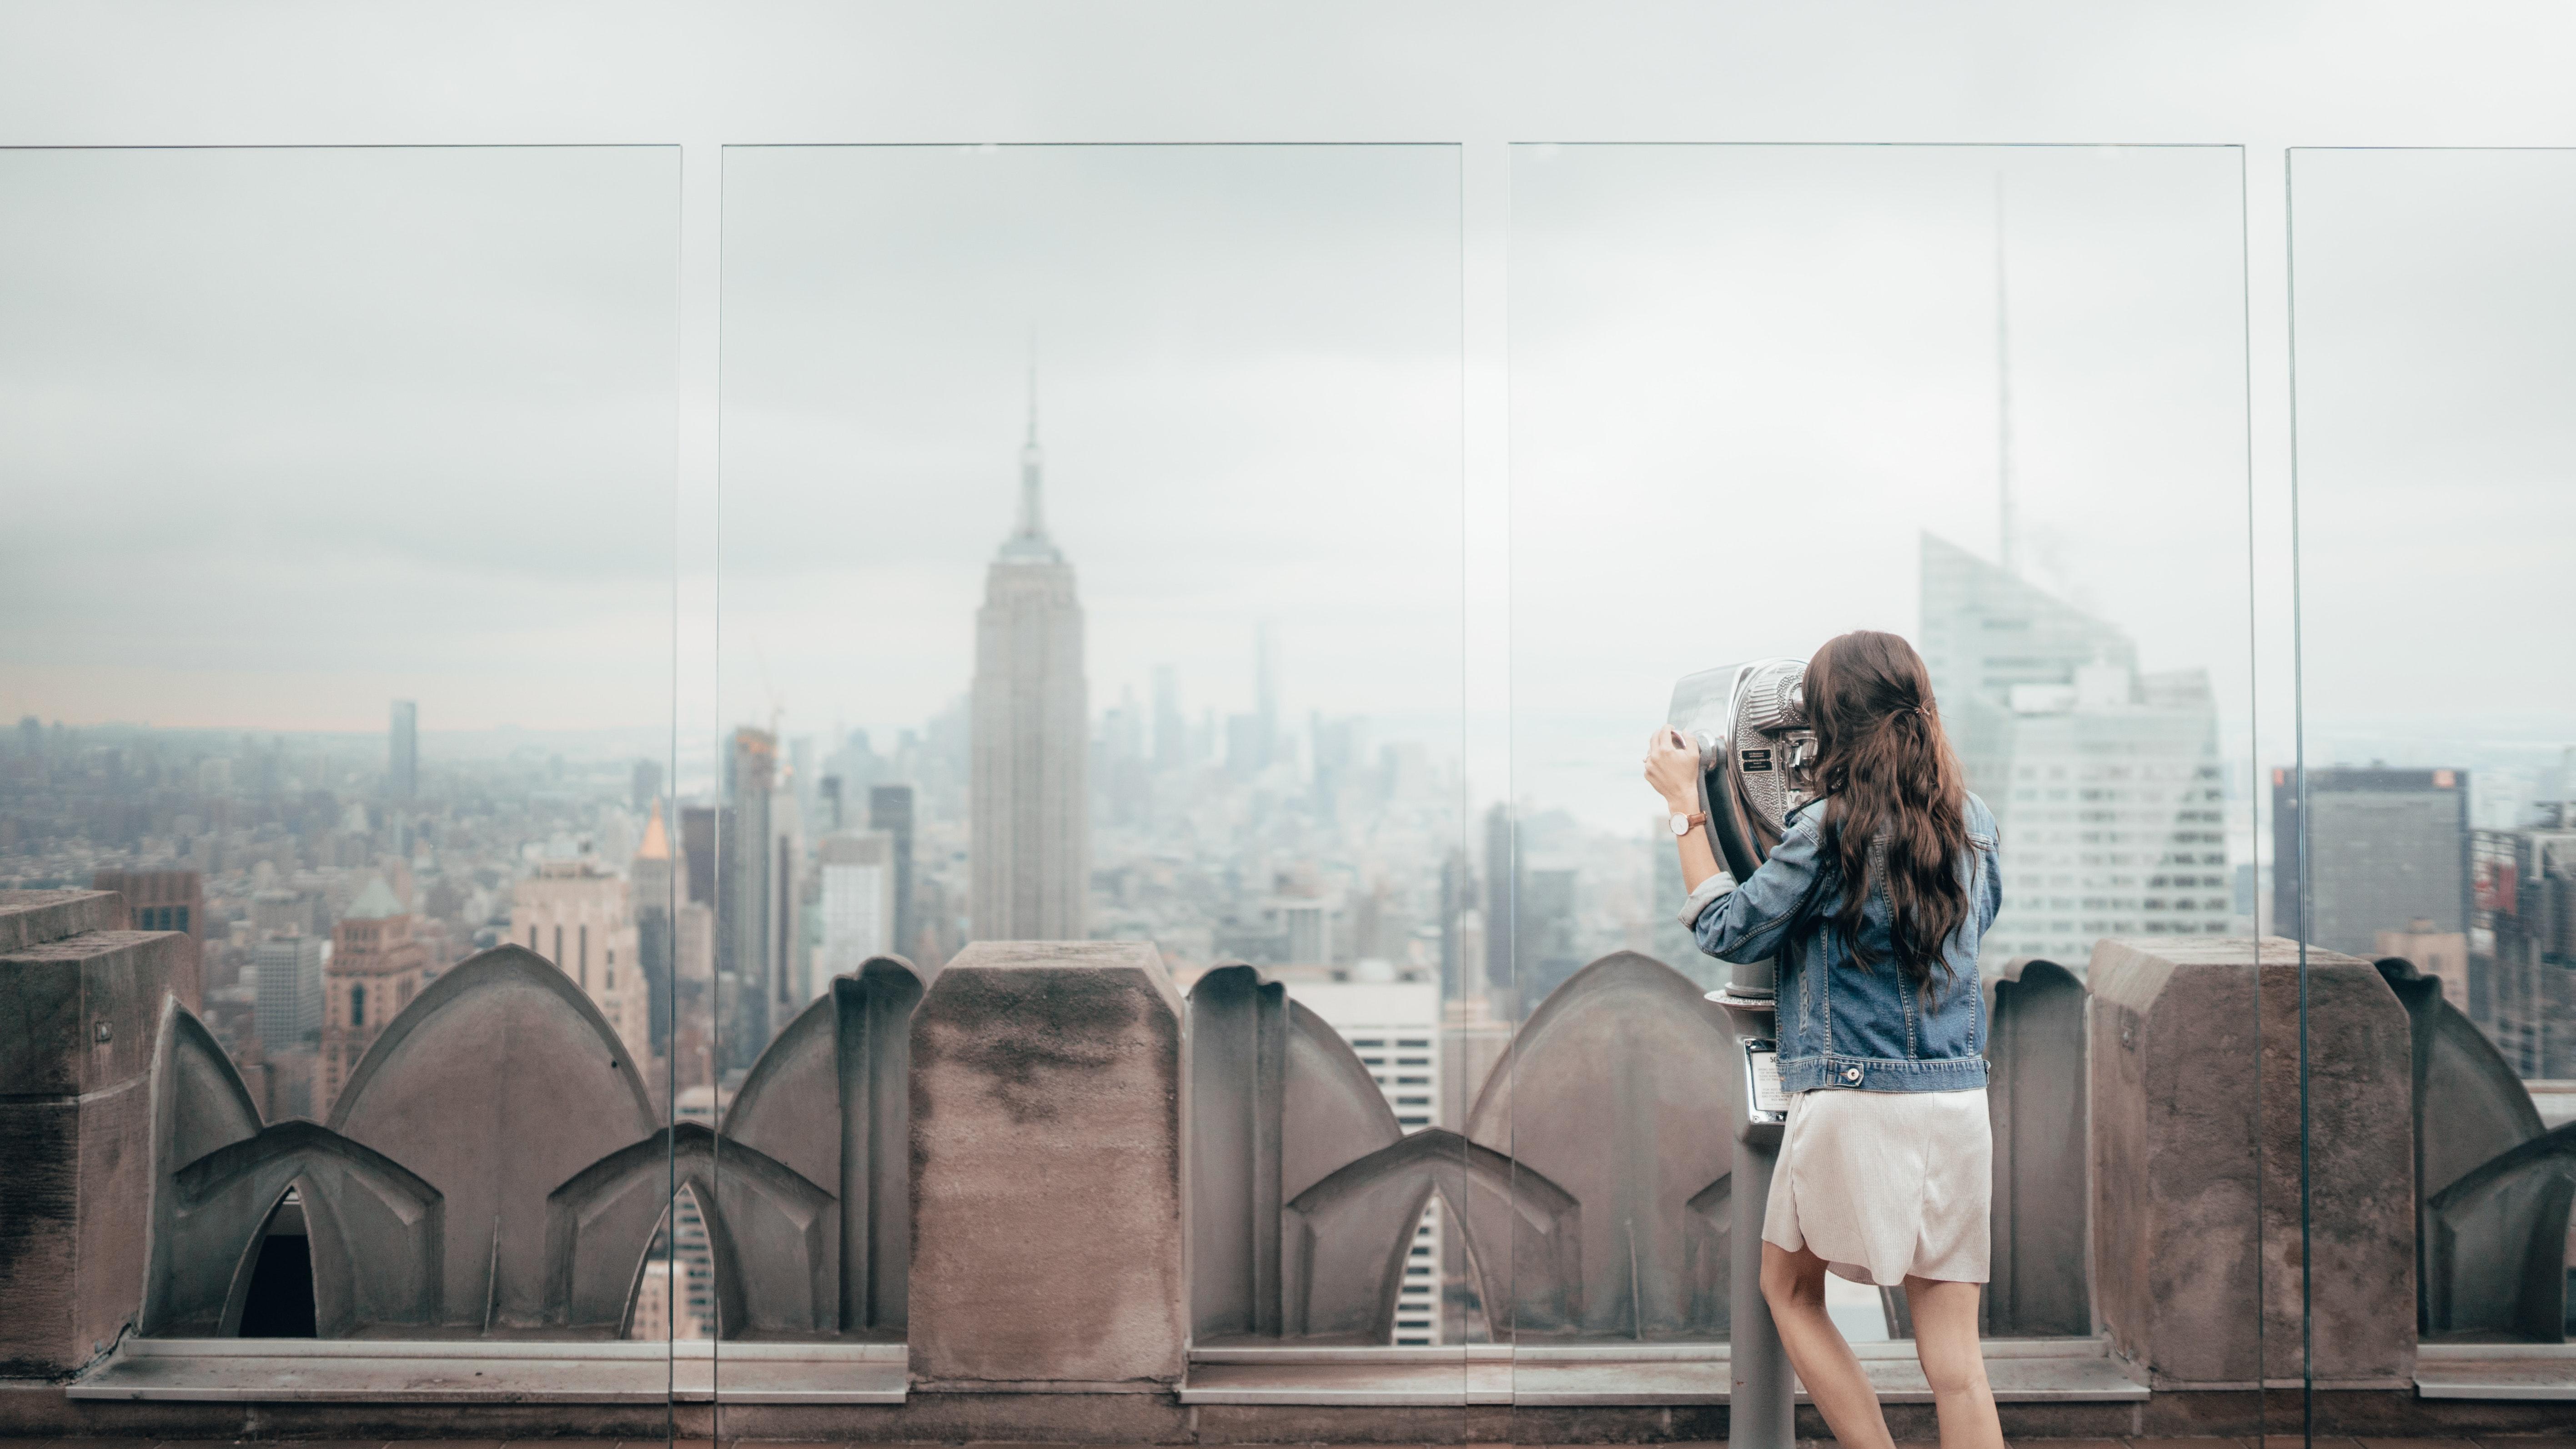 Explore New York City